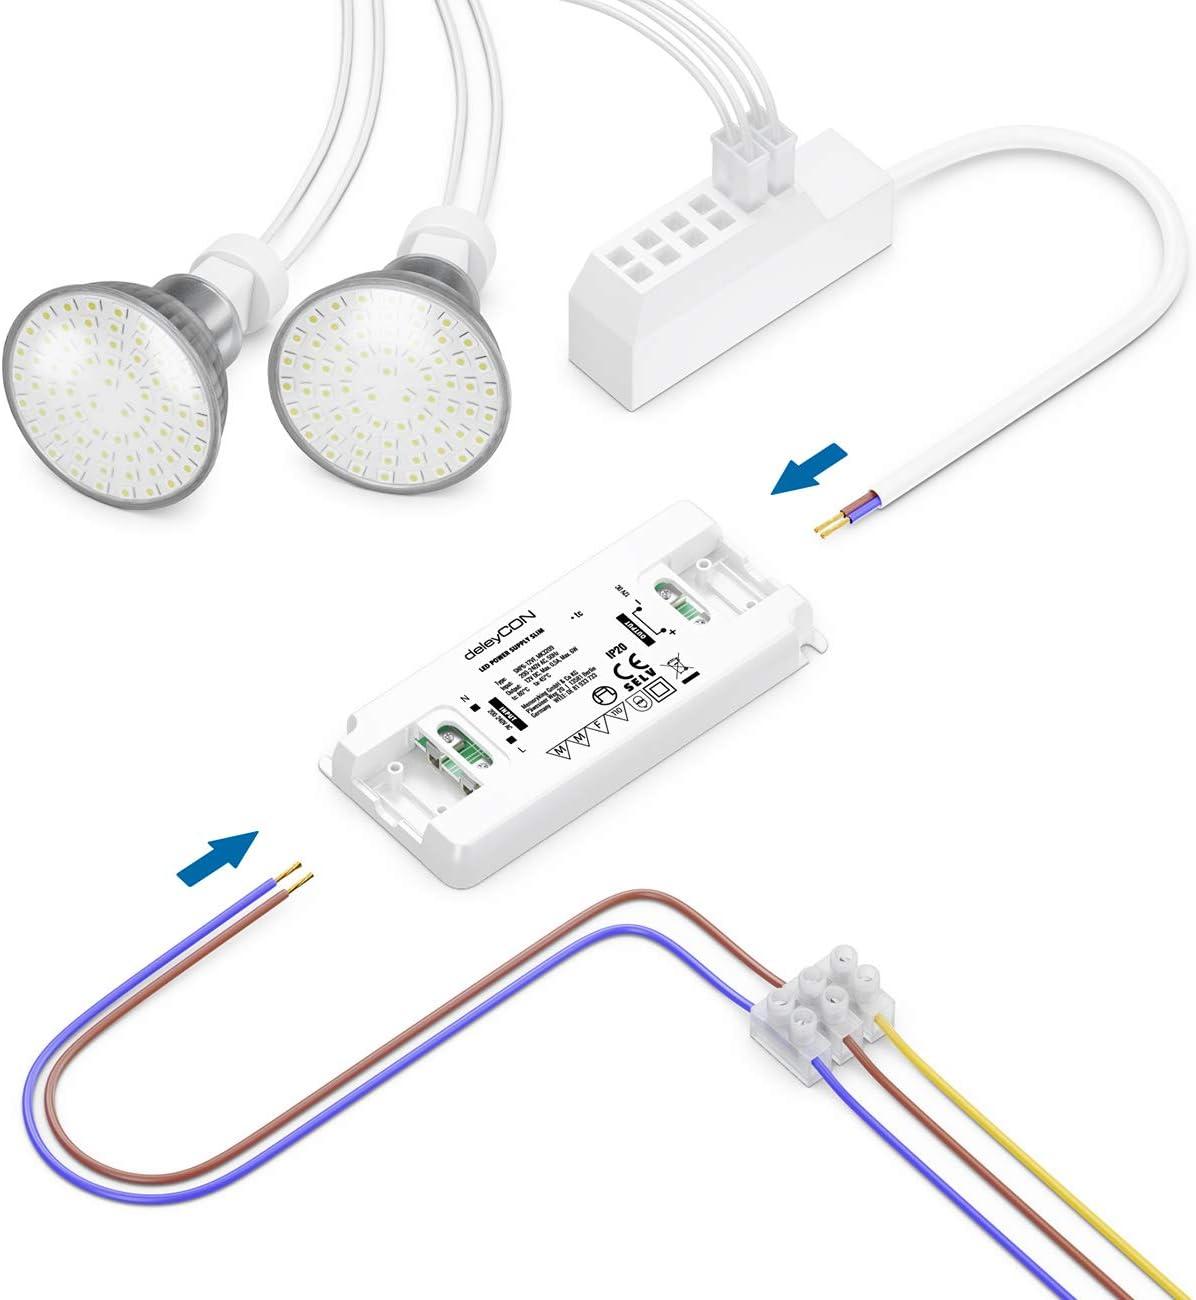 deleyCON 12V LED Trafo Transformator Netzteil Slim 0-30W 200-240V zu 12V DC LED Lampen Lichtstreifen G4 MR11 MR16 Leuchten /Überladung /Überhitzung